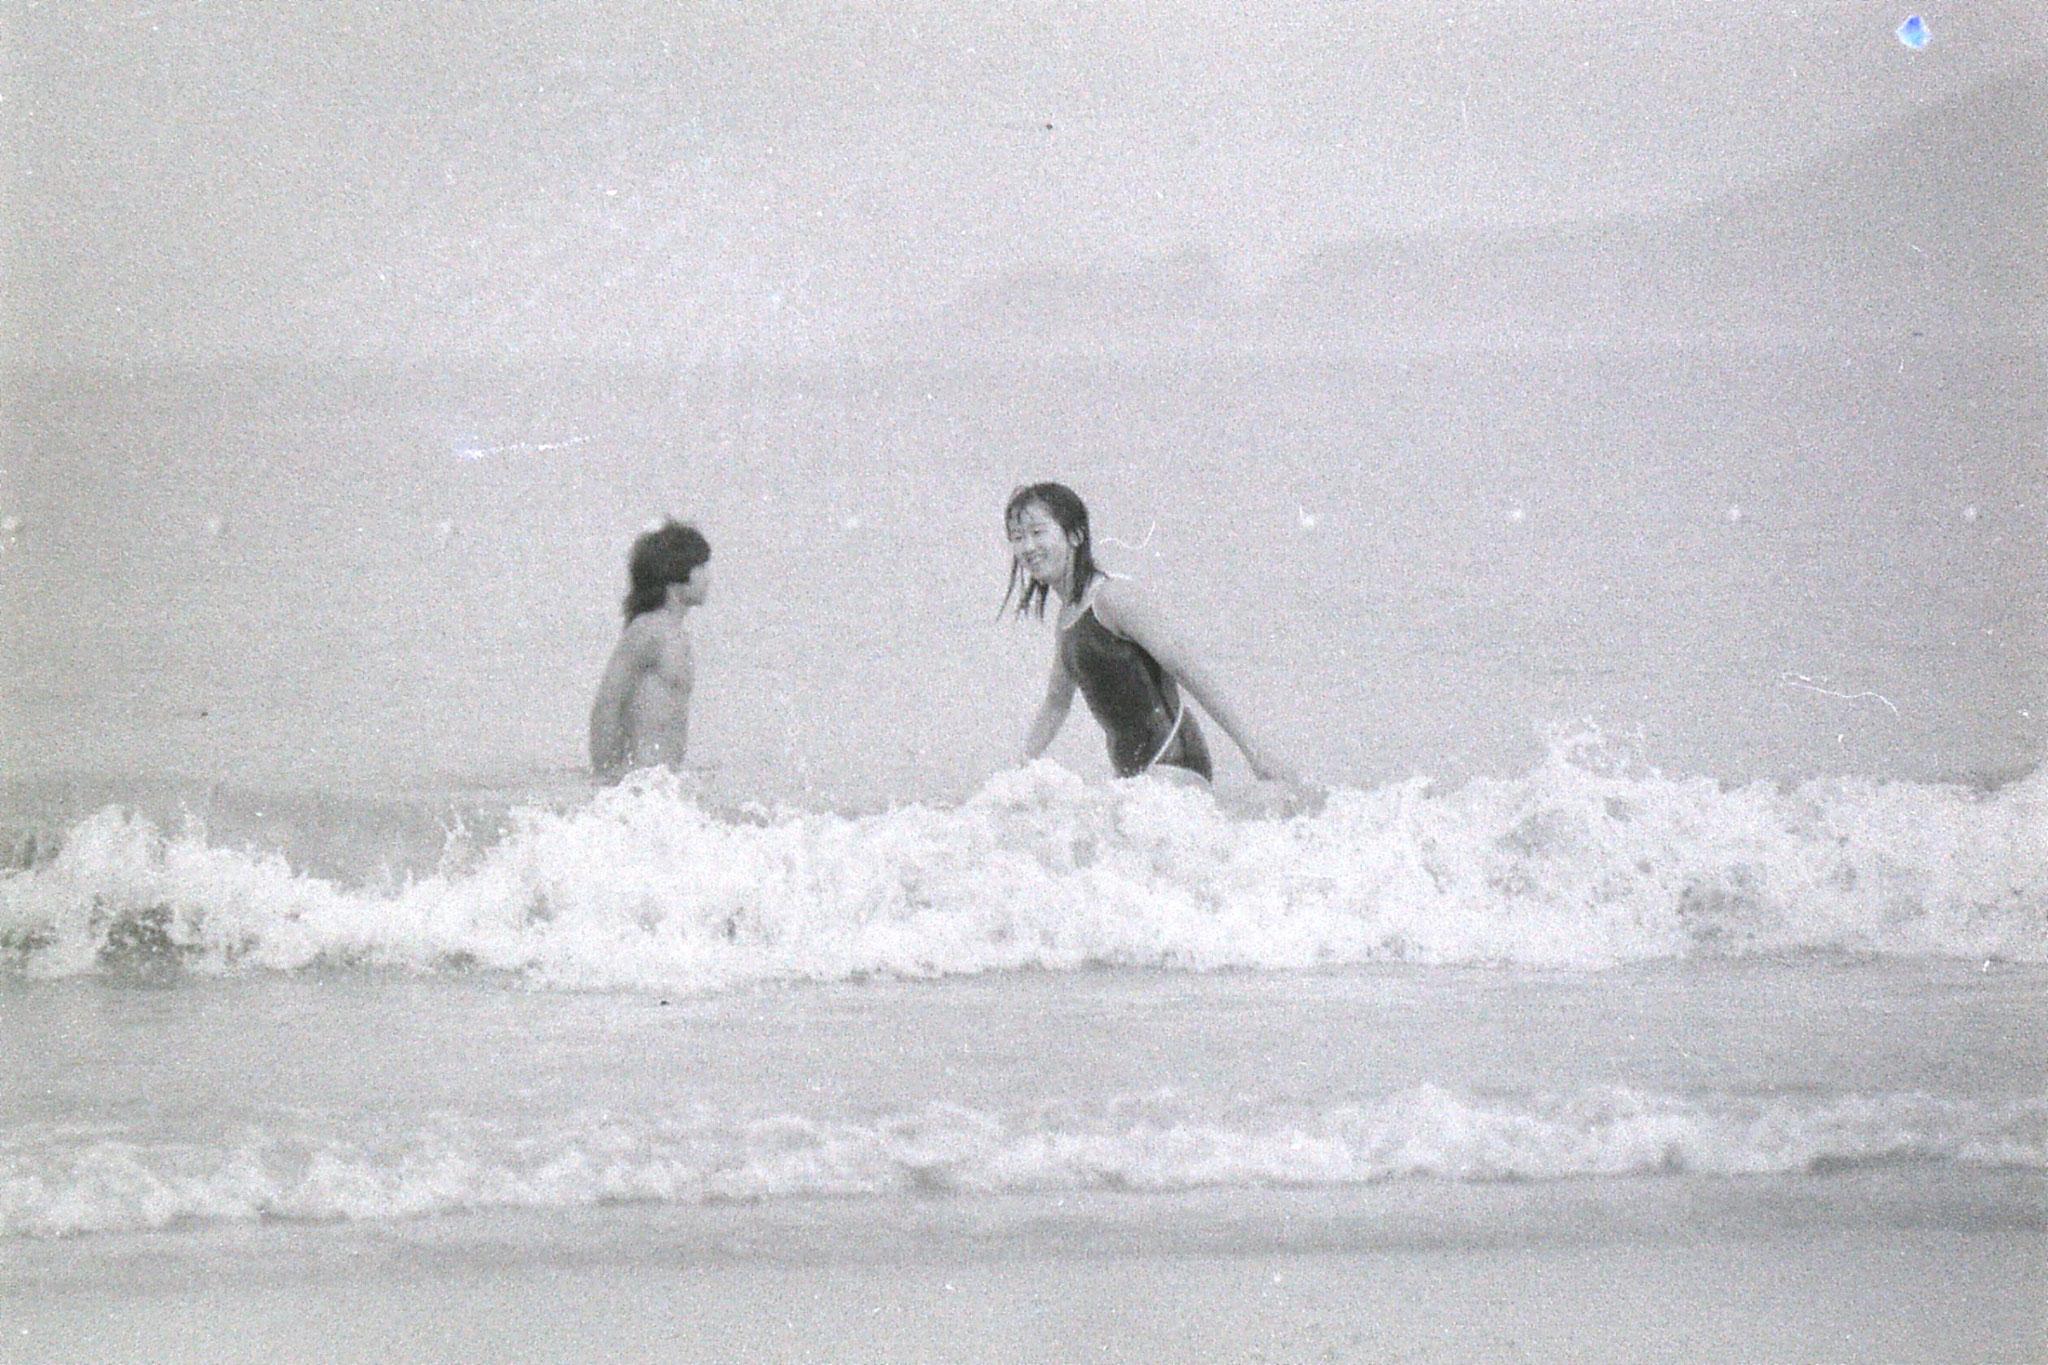 24/7/1989: 16: Putuo